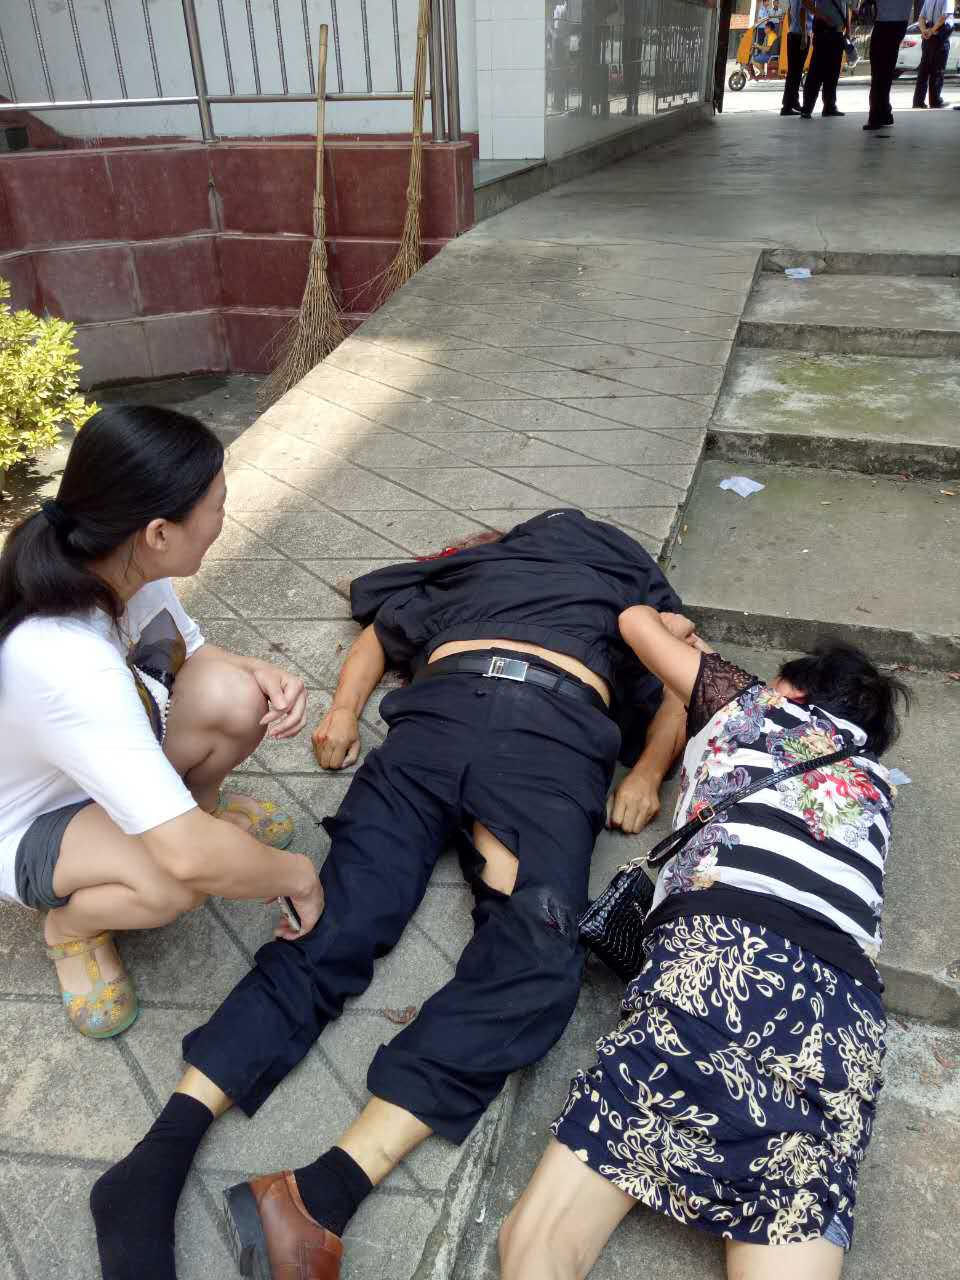 快讯:信阳一男子新县国土局跳楼当场死亡